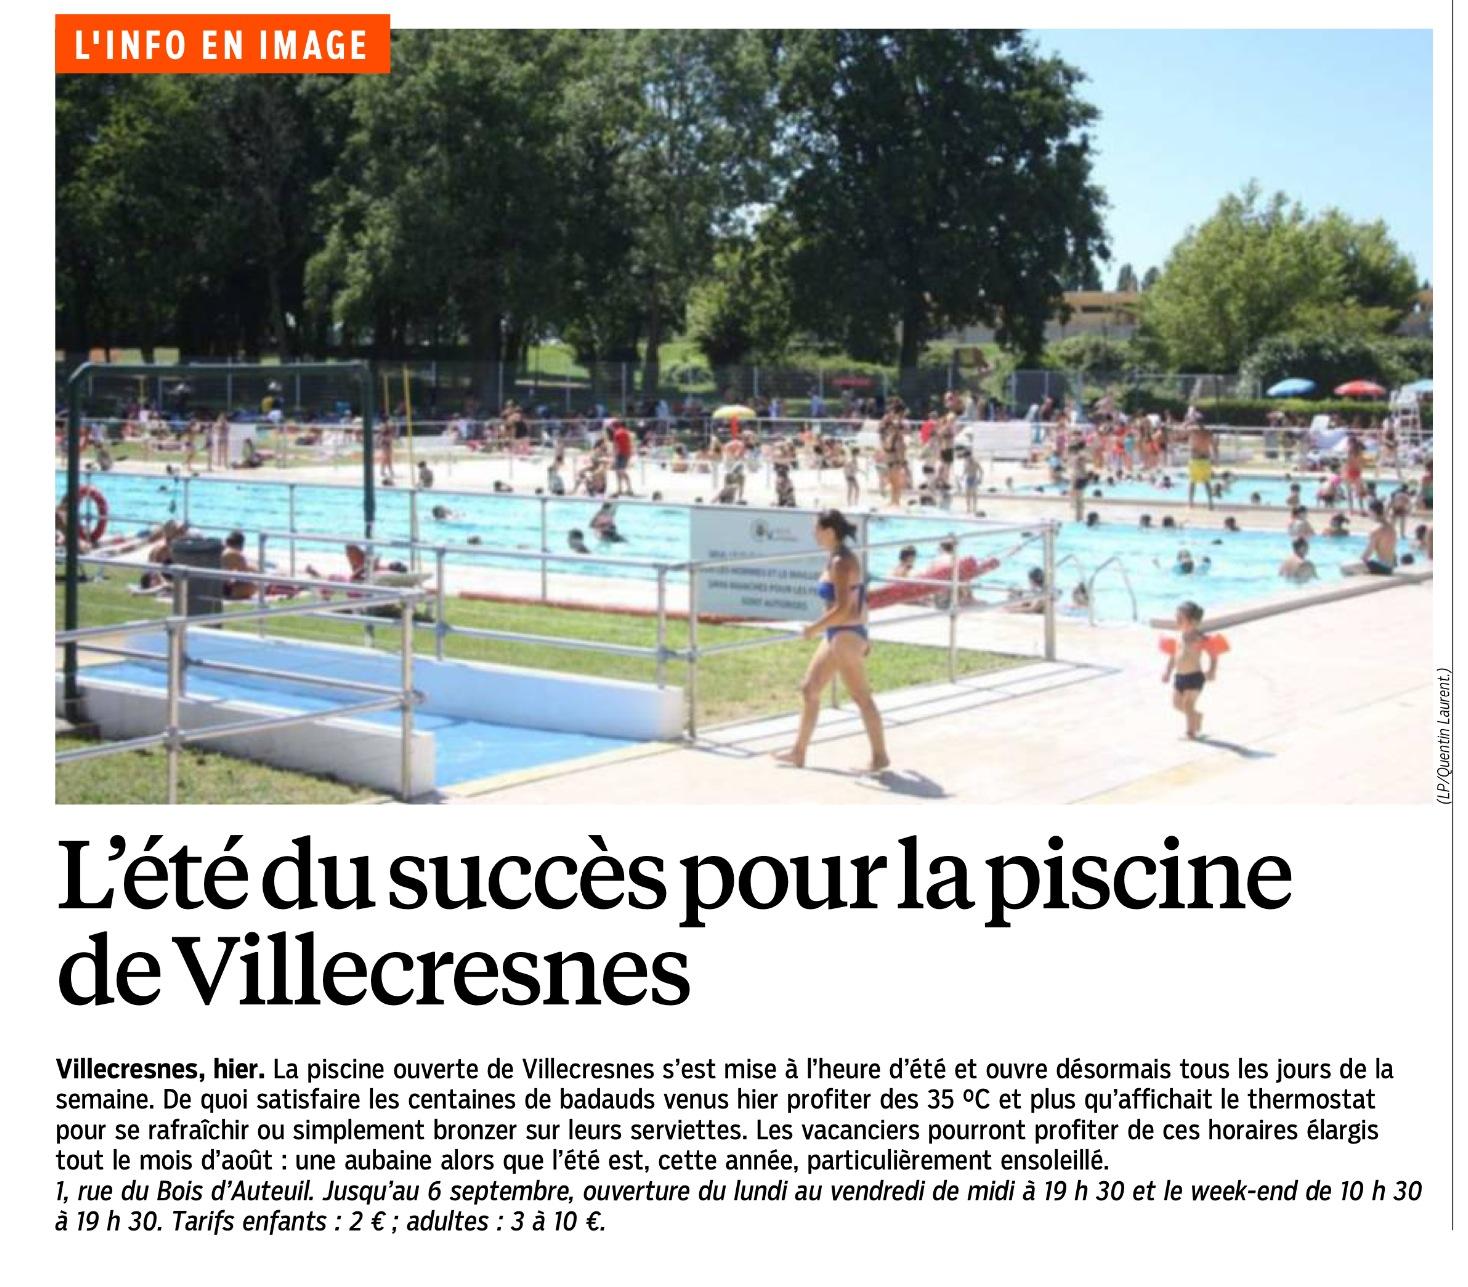 Le parisien en parle l 39 t du succ s pour la piscine de for Piscine villecresnes